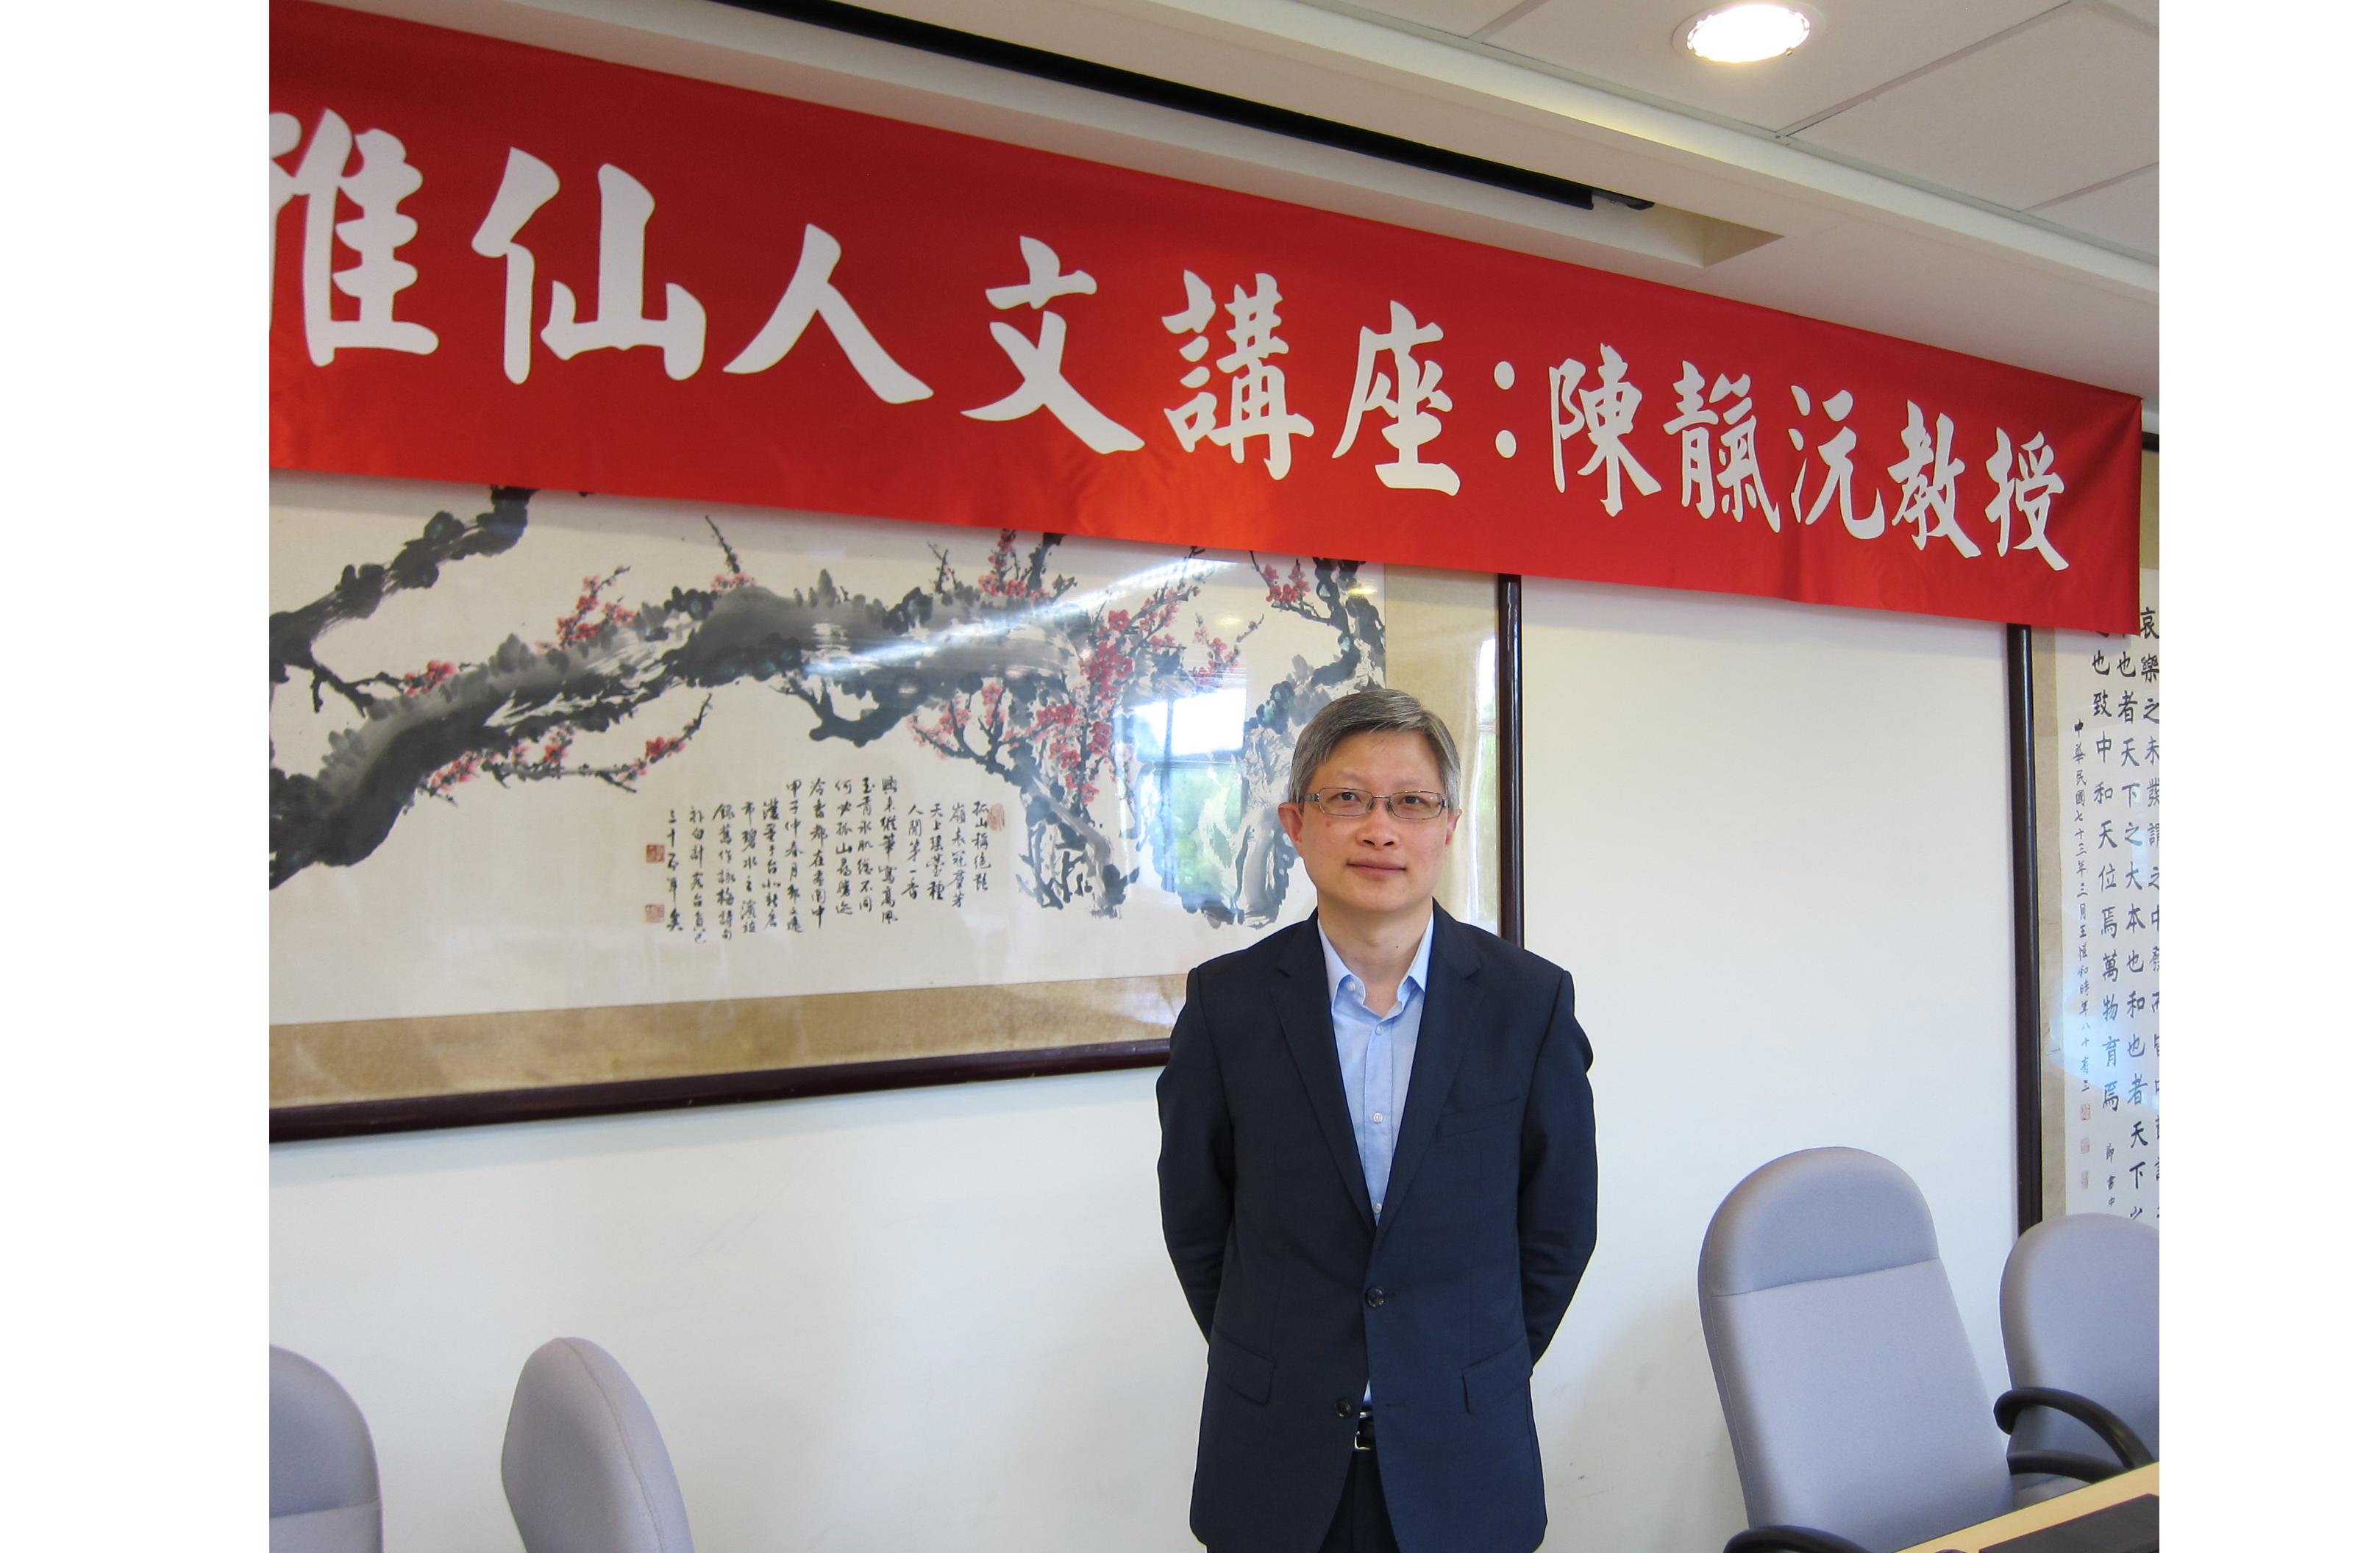 陳靝沅教授演講「兩種閲讀聯想——「文本性」與「視覺性」」紀要